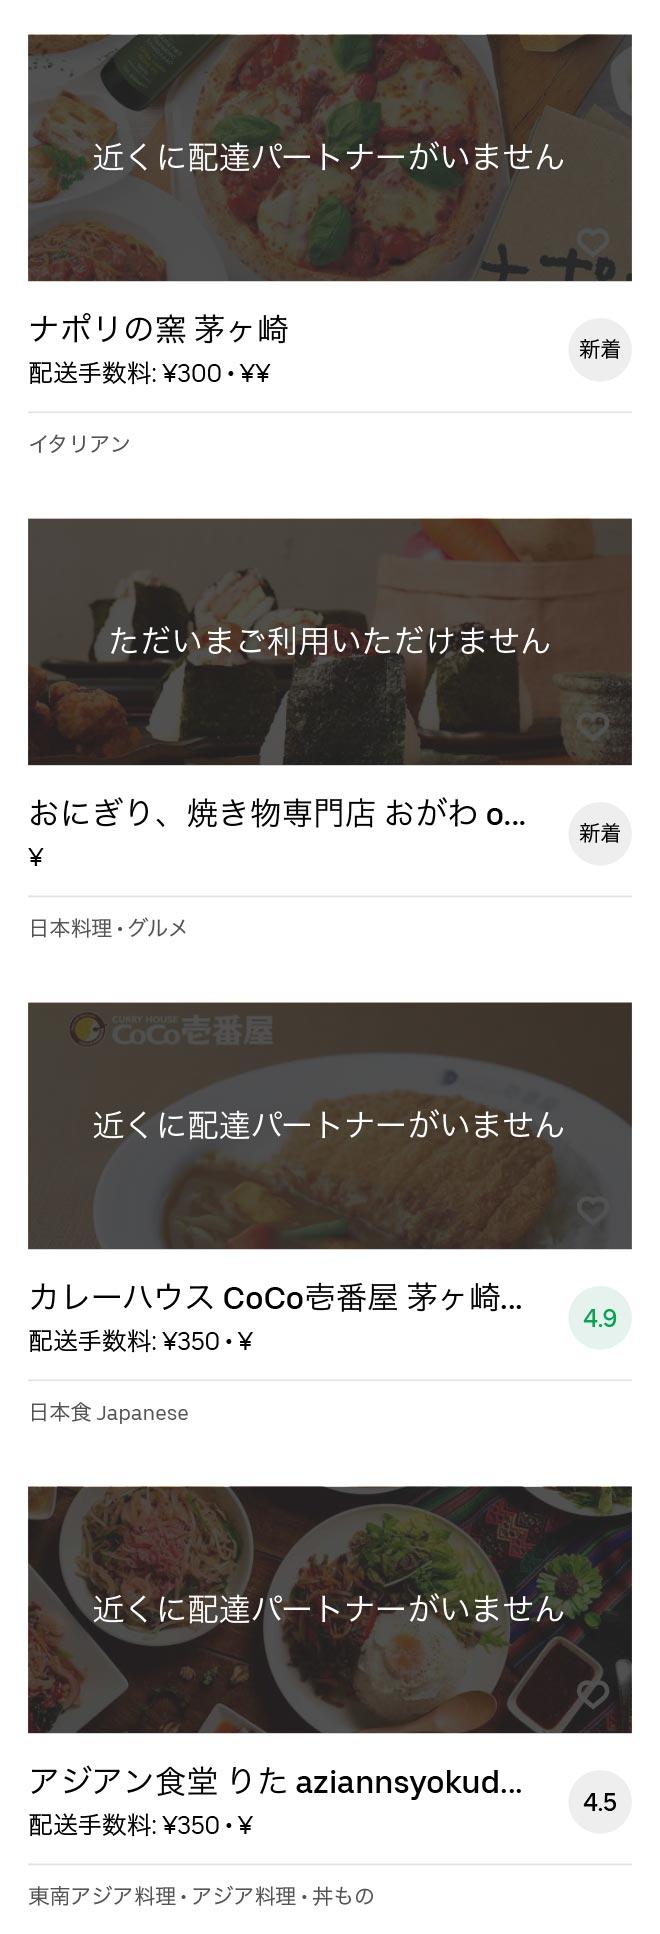 Chigasaki kagawa menu 2008 05